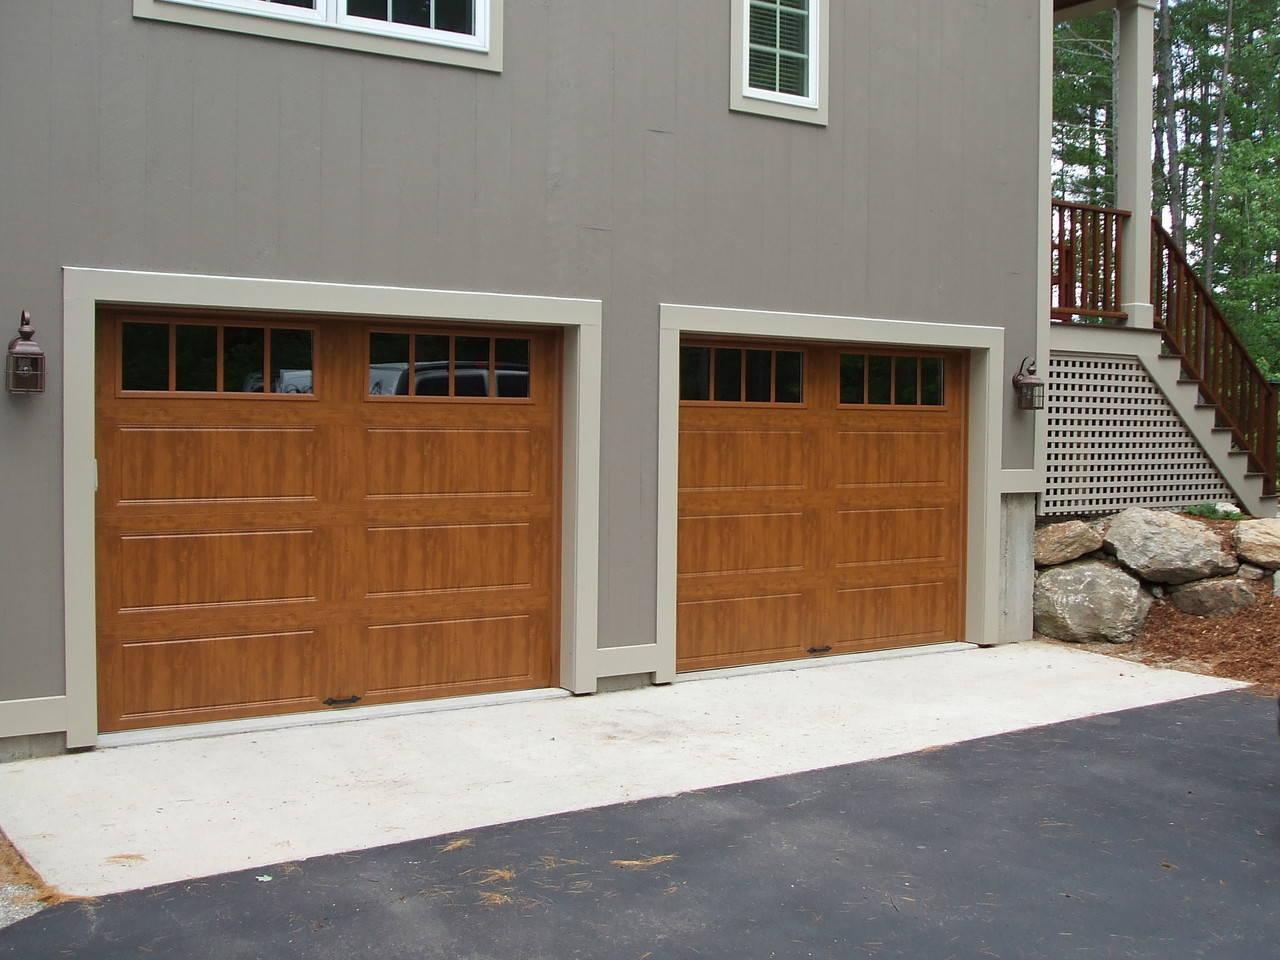 & Distinctive Doors of New England